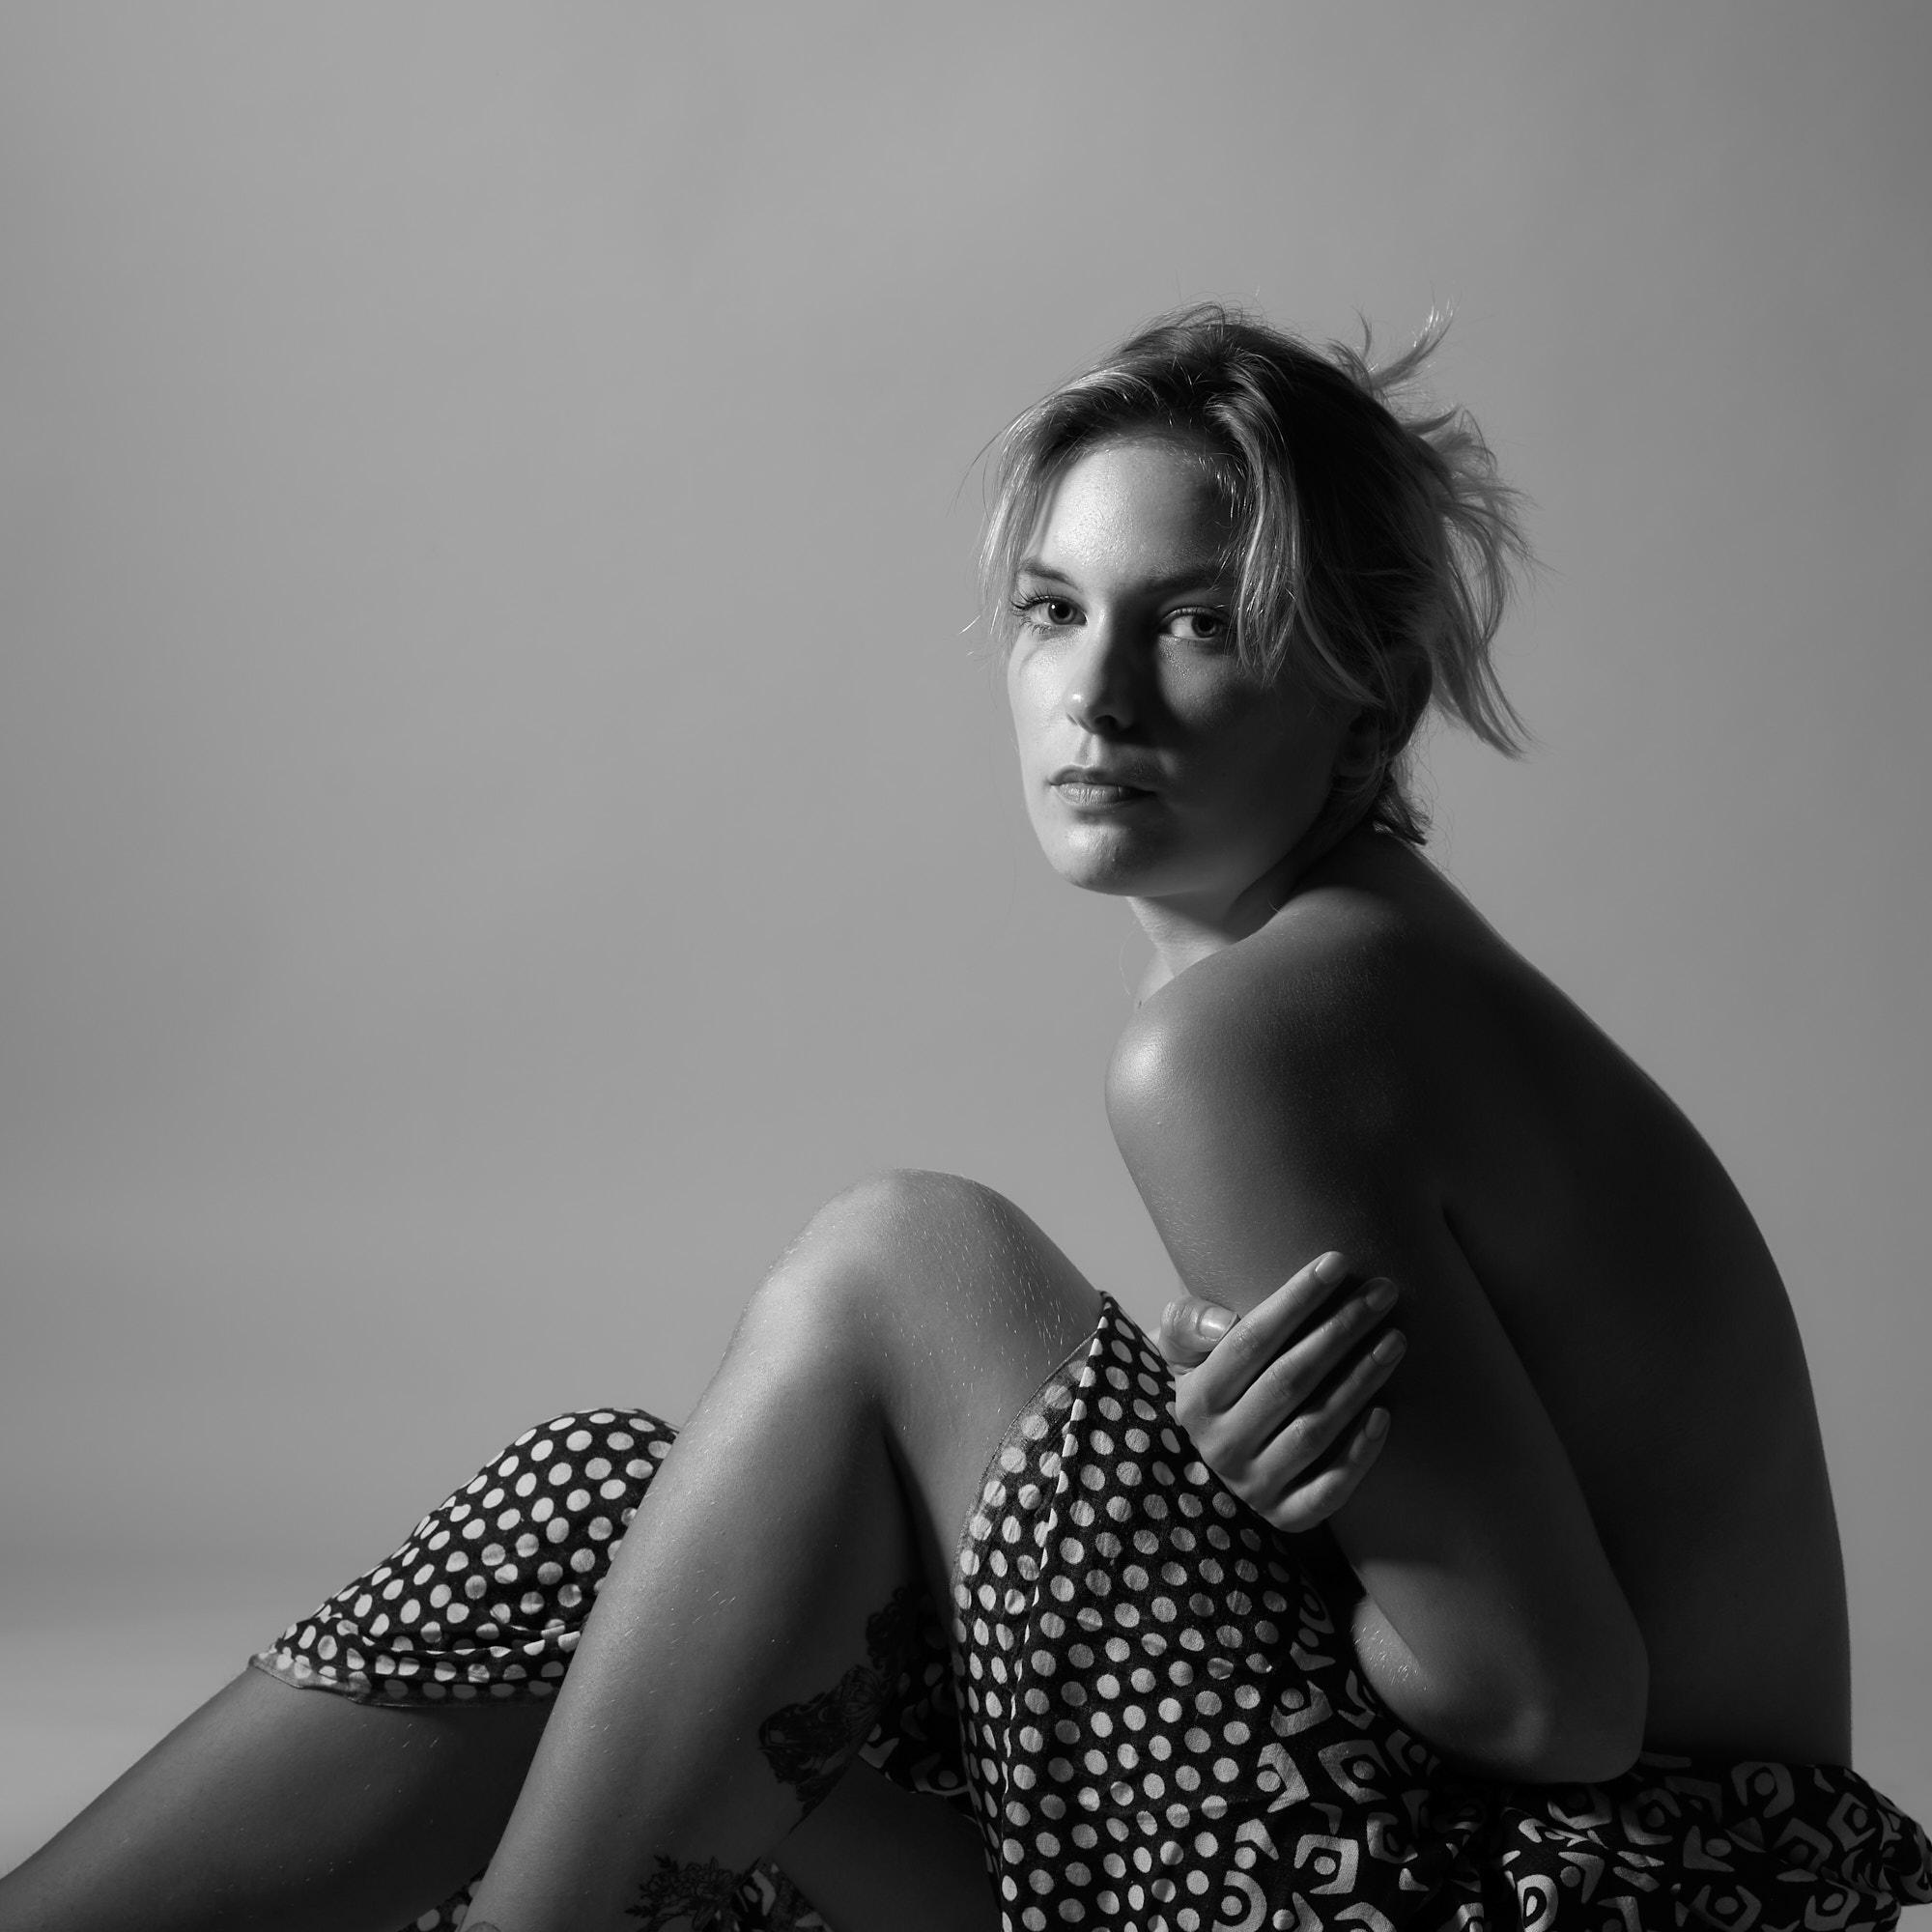 Portrait assis, féminin, noir et blanc